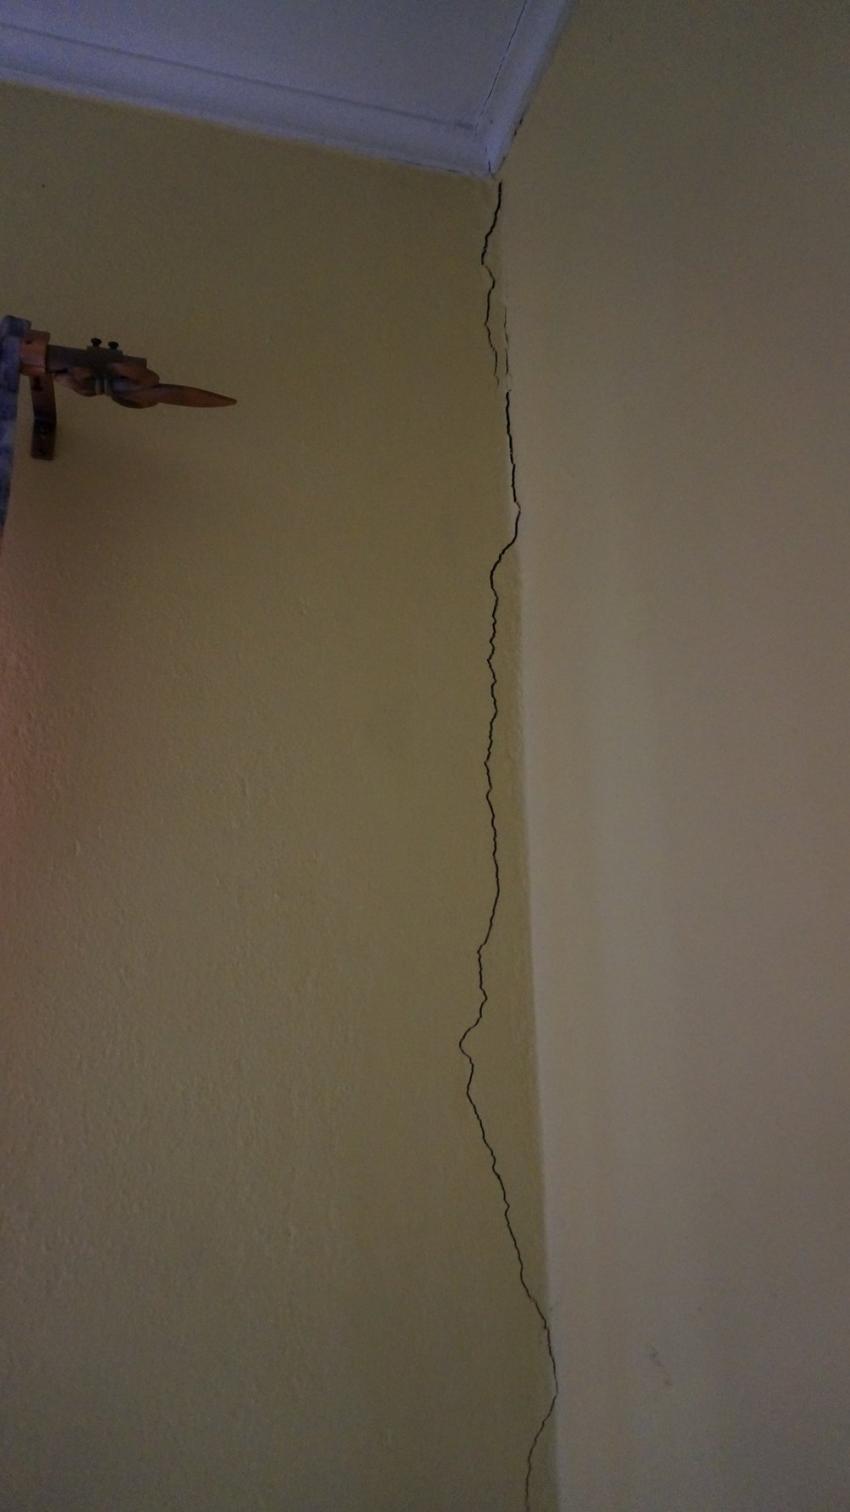 Wand im Schlafzimmer, Apartments Watapana, Niederländische Antillen, Curaçao